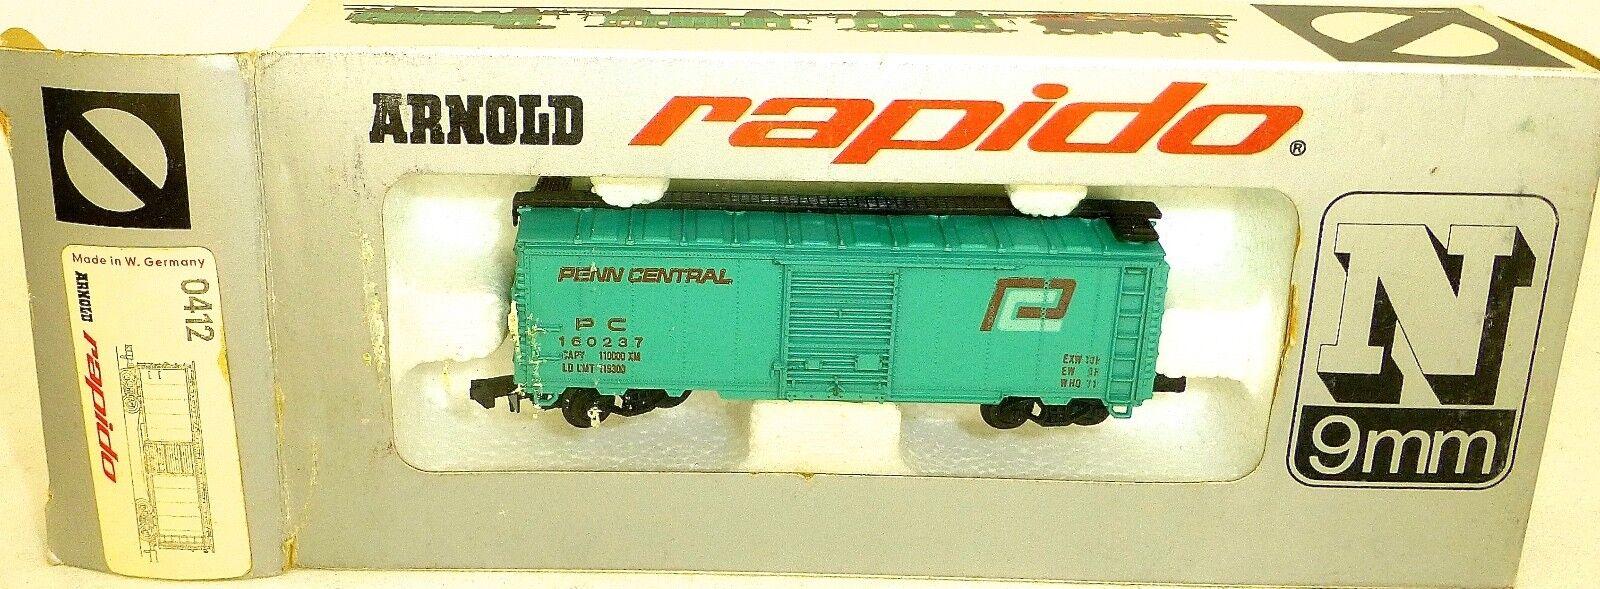 Penn central türkis güterwagen Arnold rapido 0412 ovp HU3 å